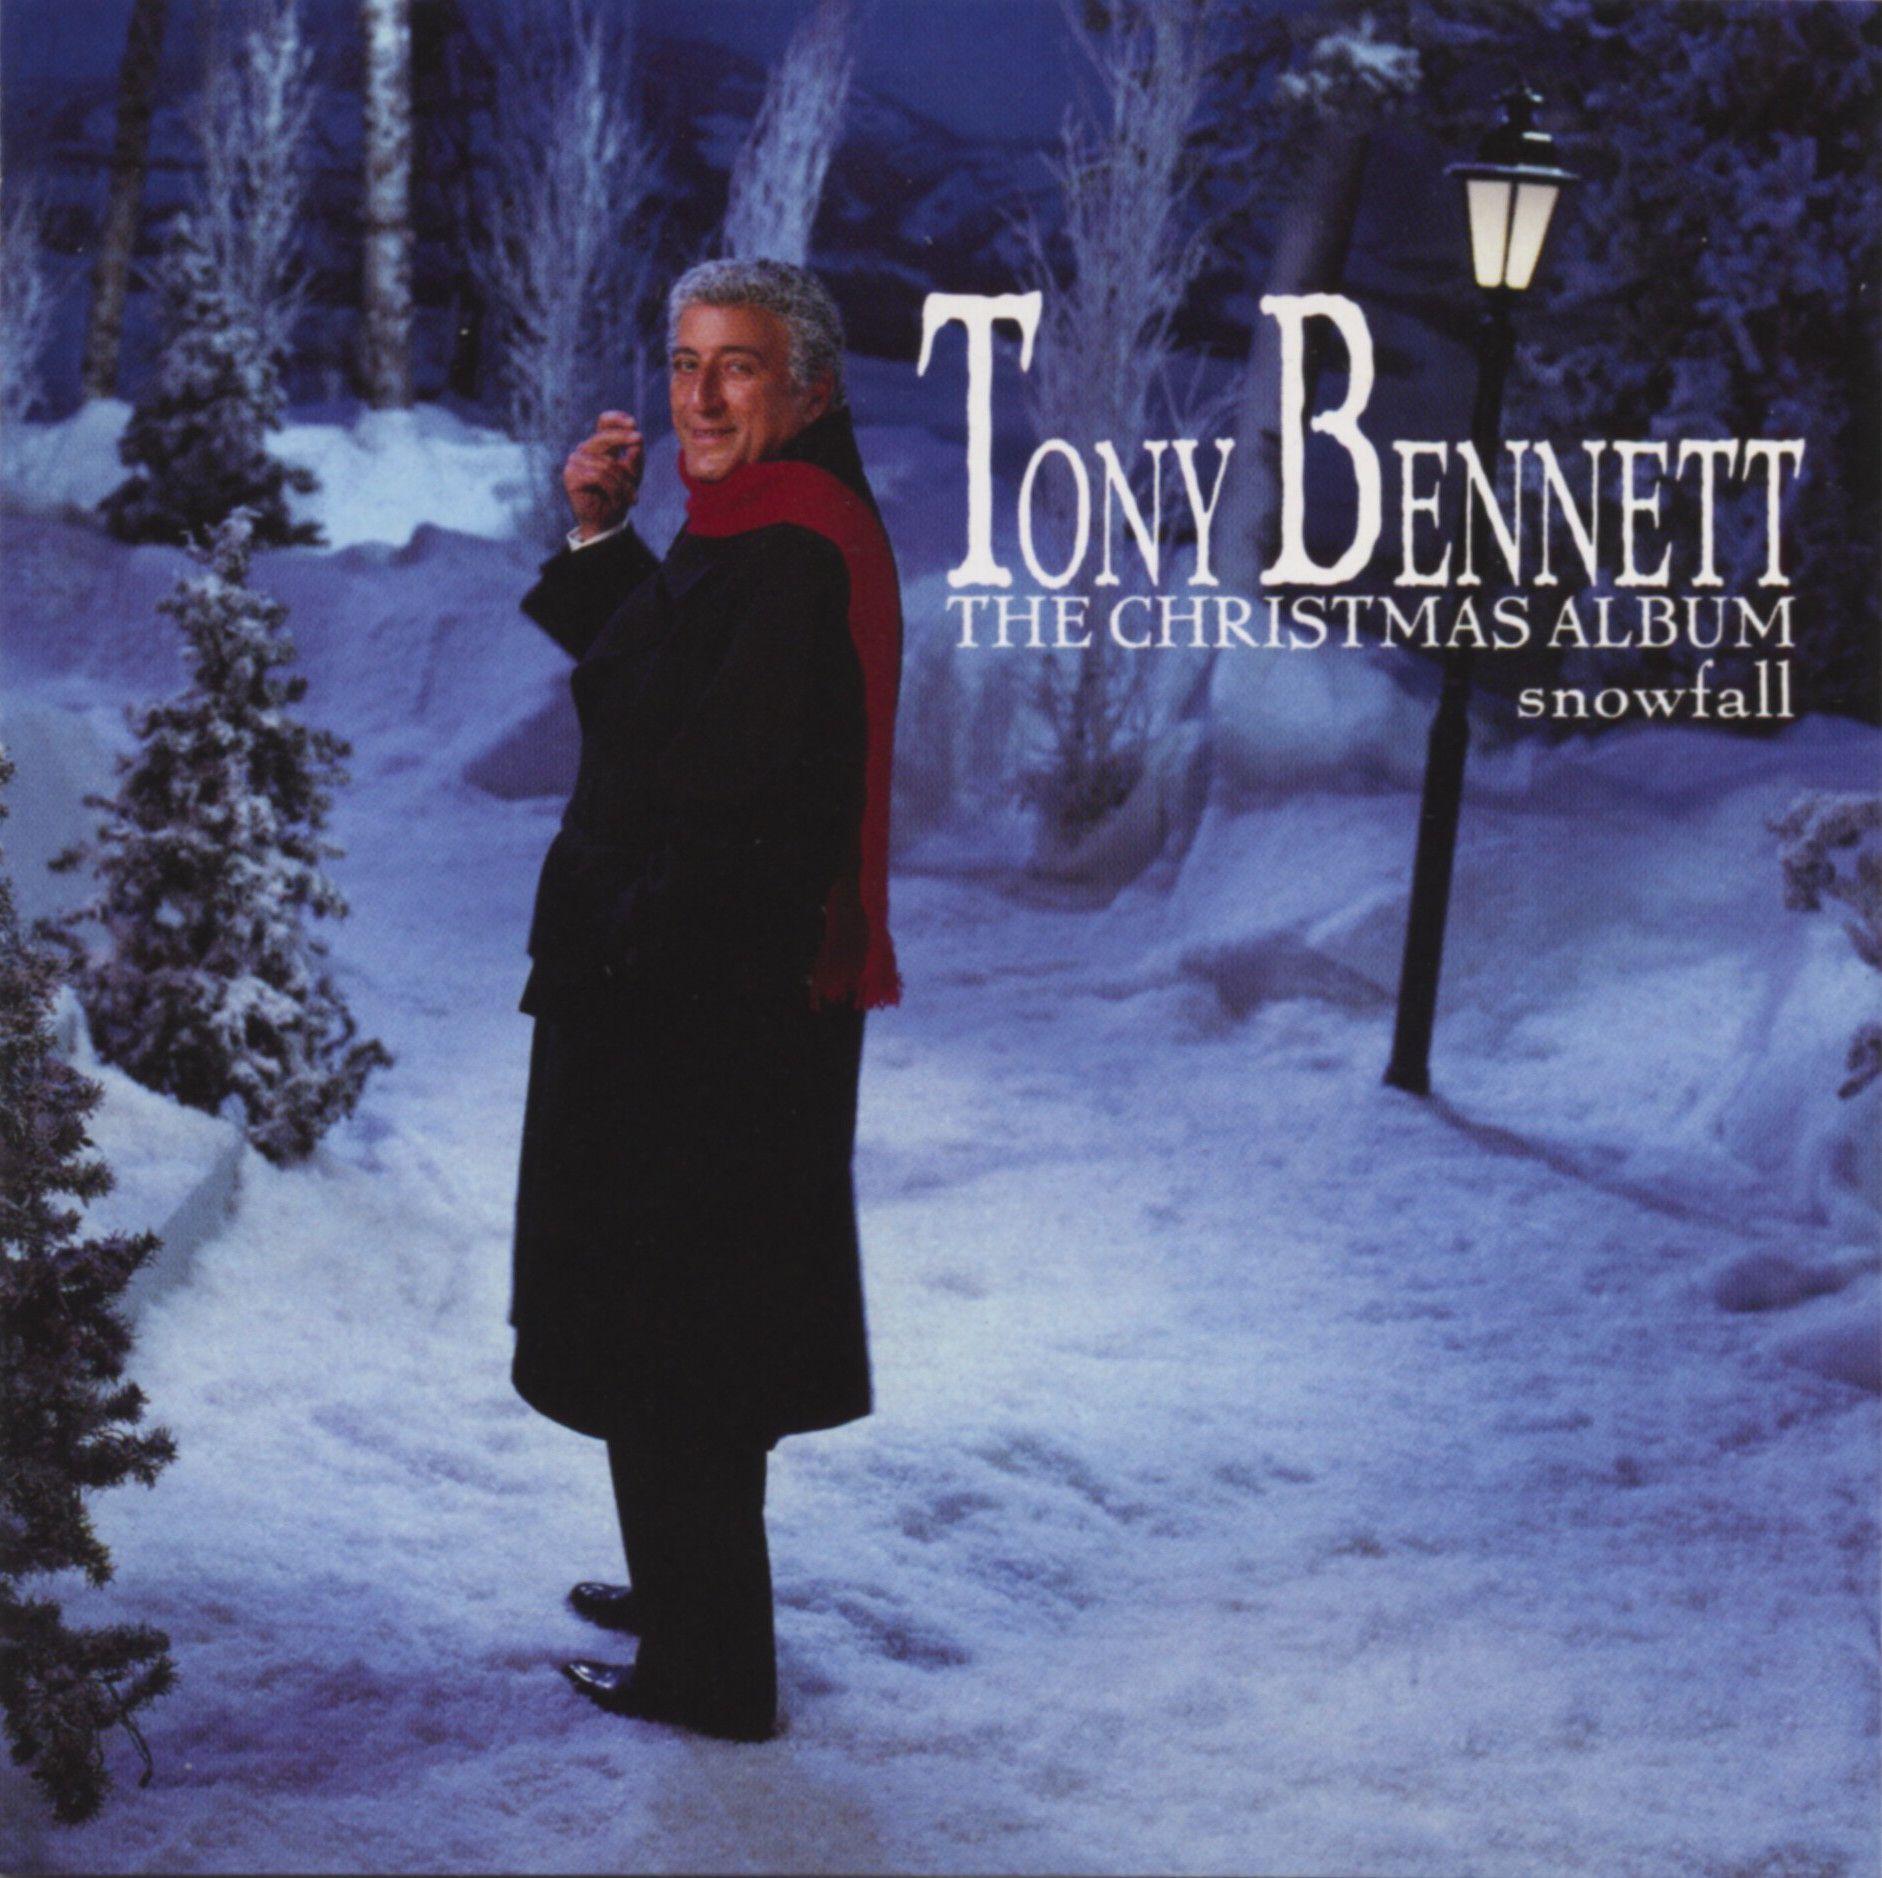 Tony Bennett - Snowfall: The Christmas Album album cover